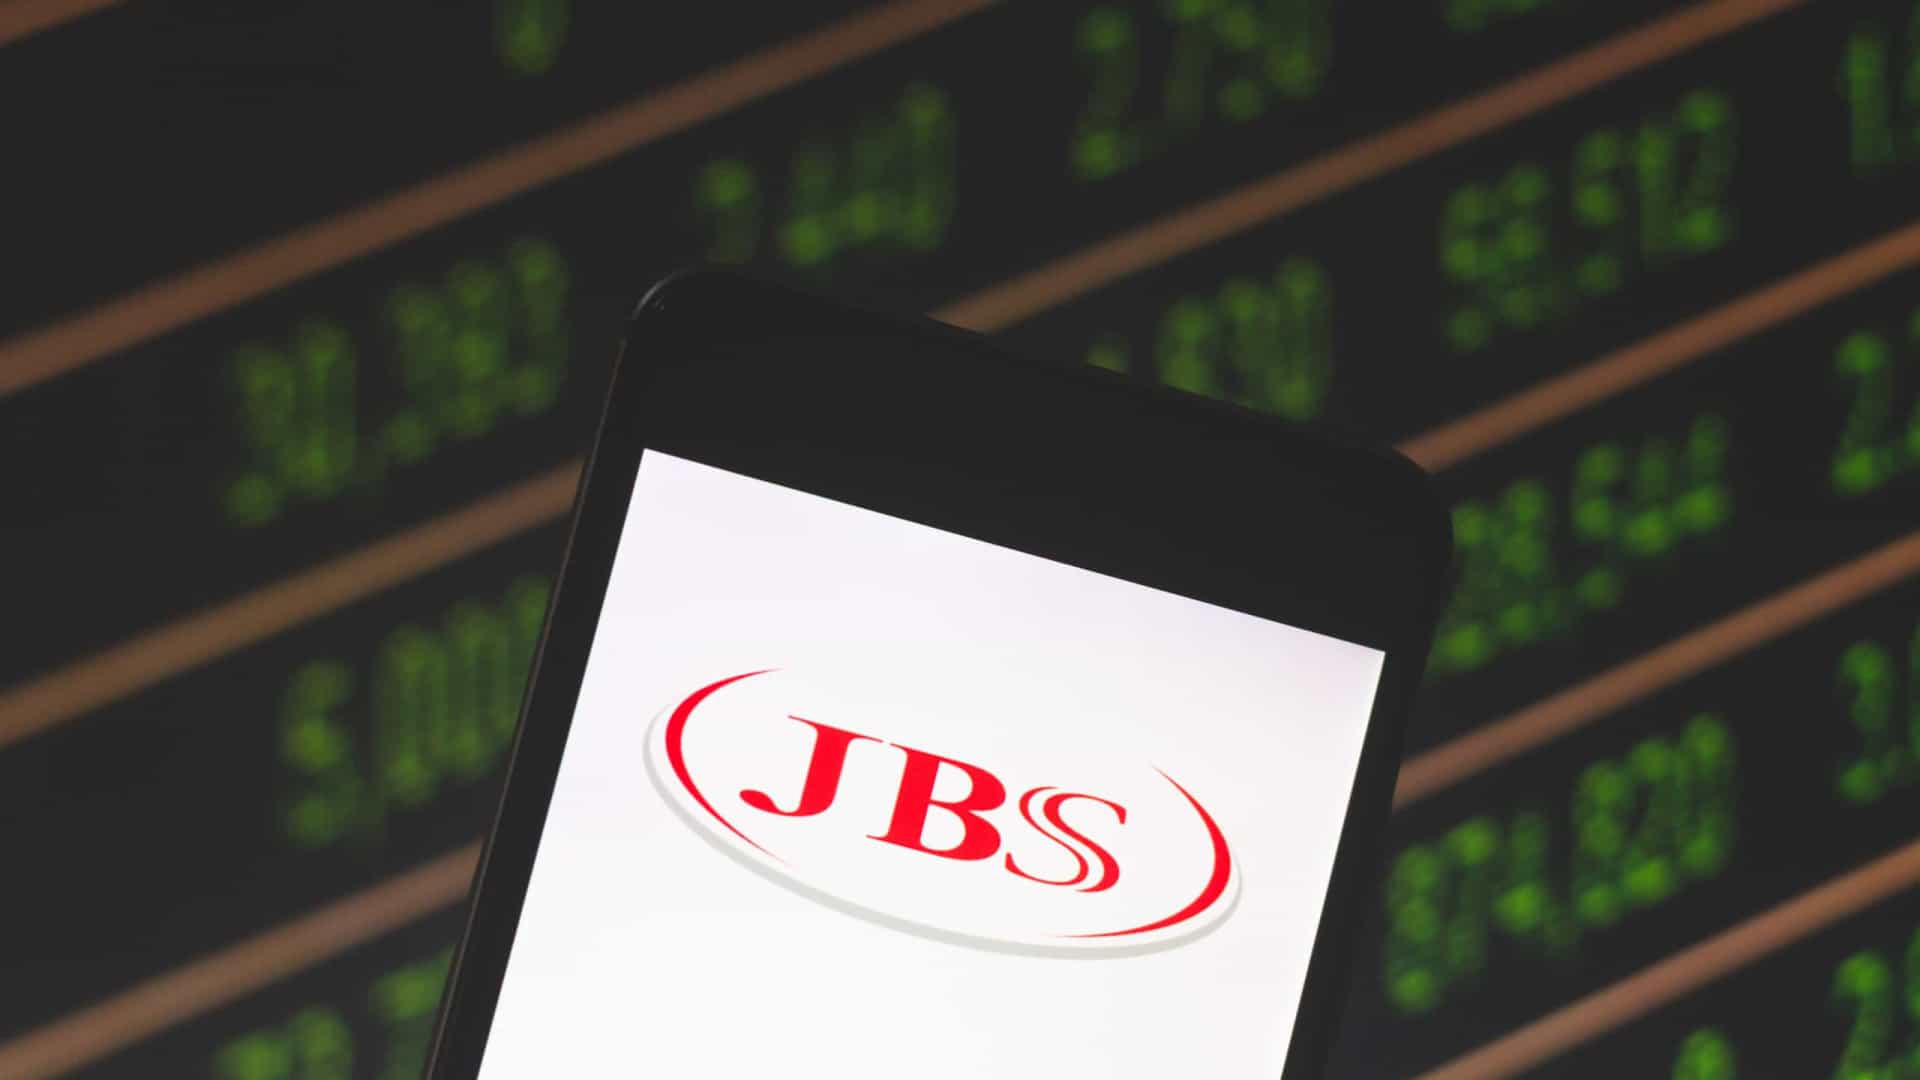 JBS pagou resgate de US$ 11 milhões em bitcoin após ciberataque